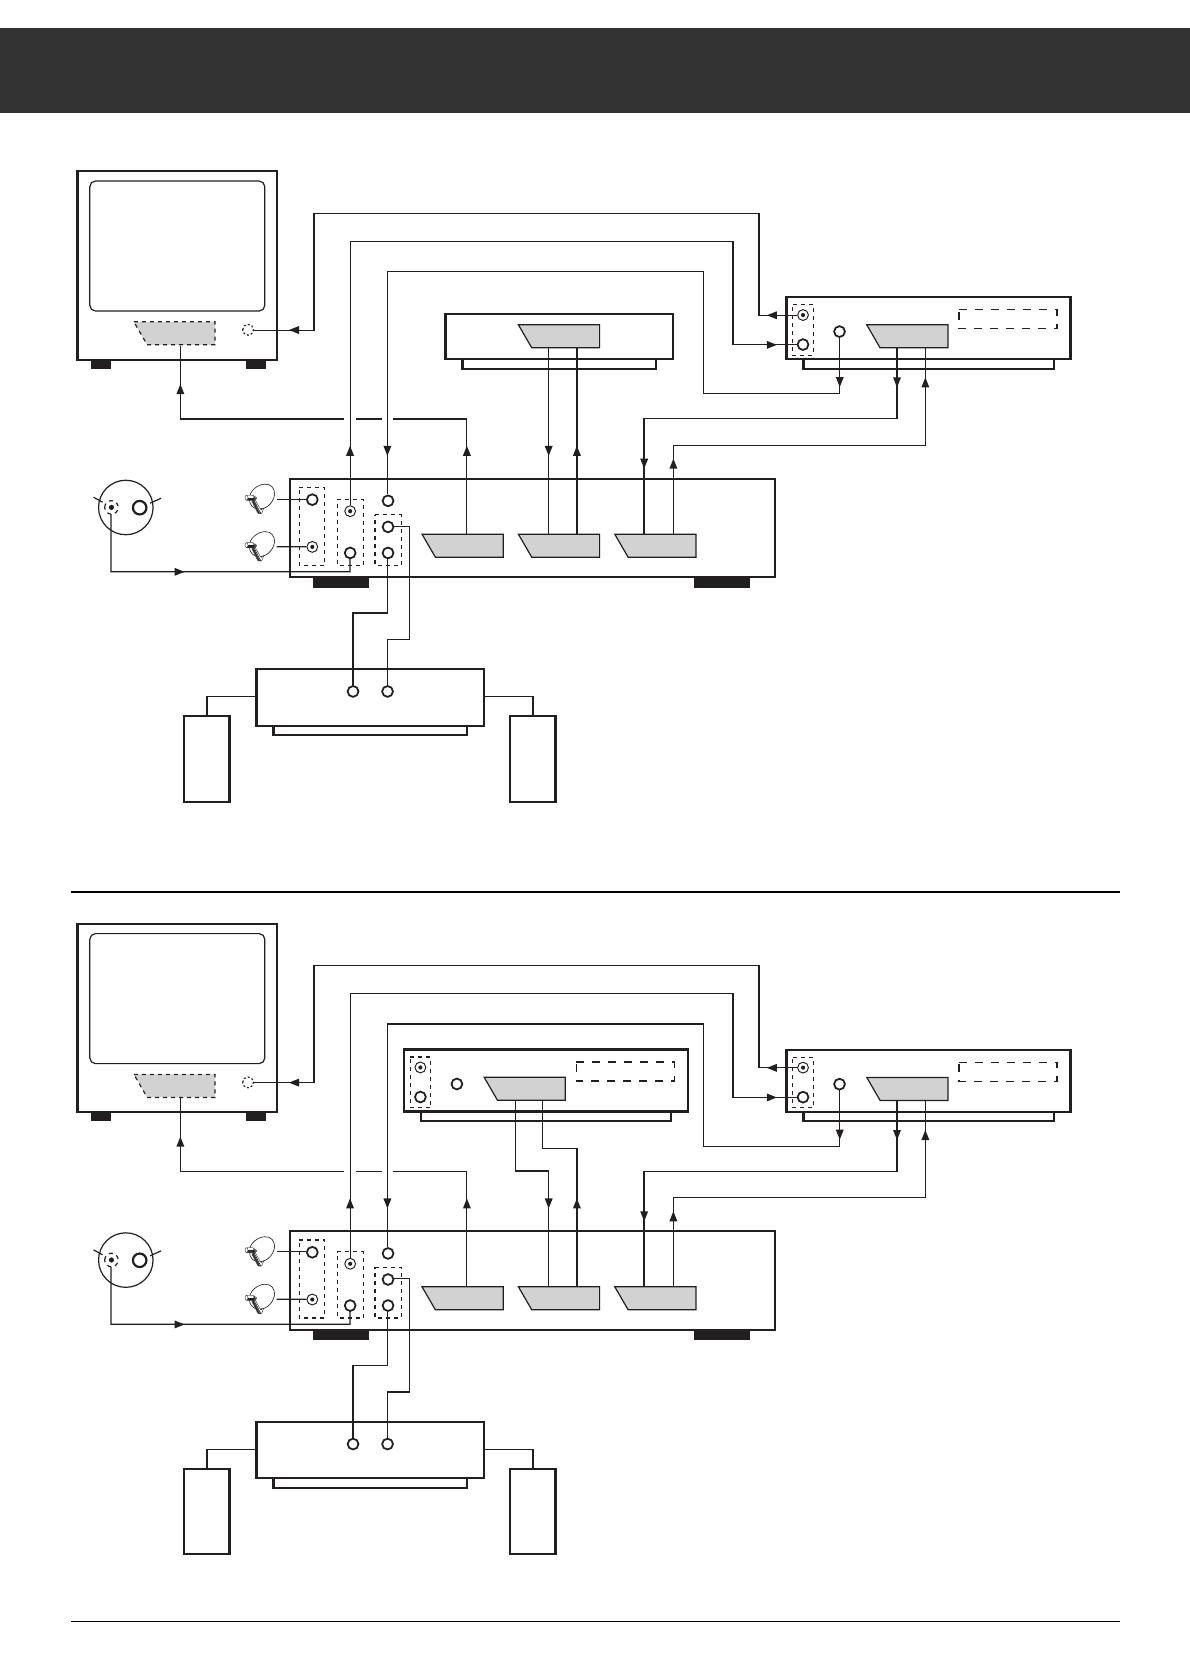 Bedienungsanleitung Grundig STR 312 (Seite 1 von 21) (Deutsch)